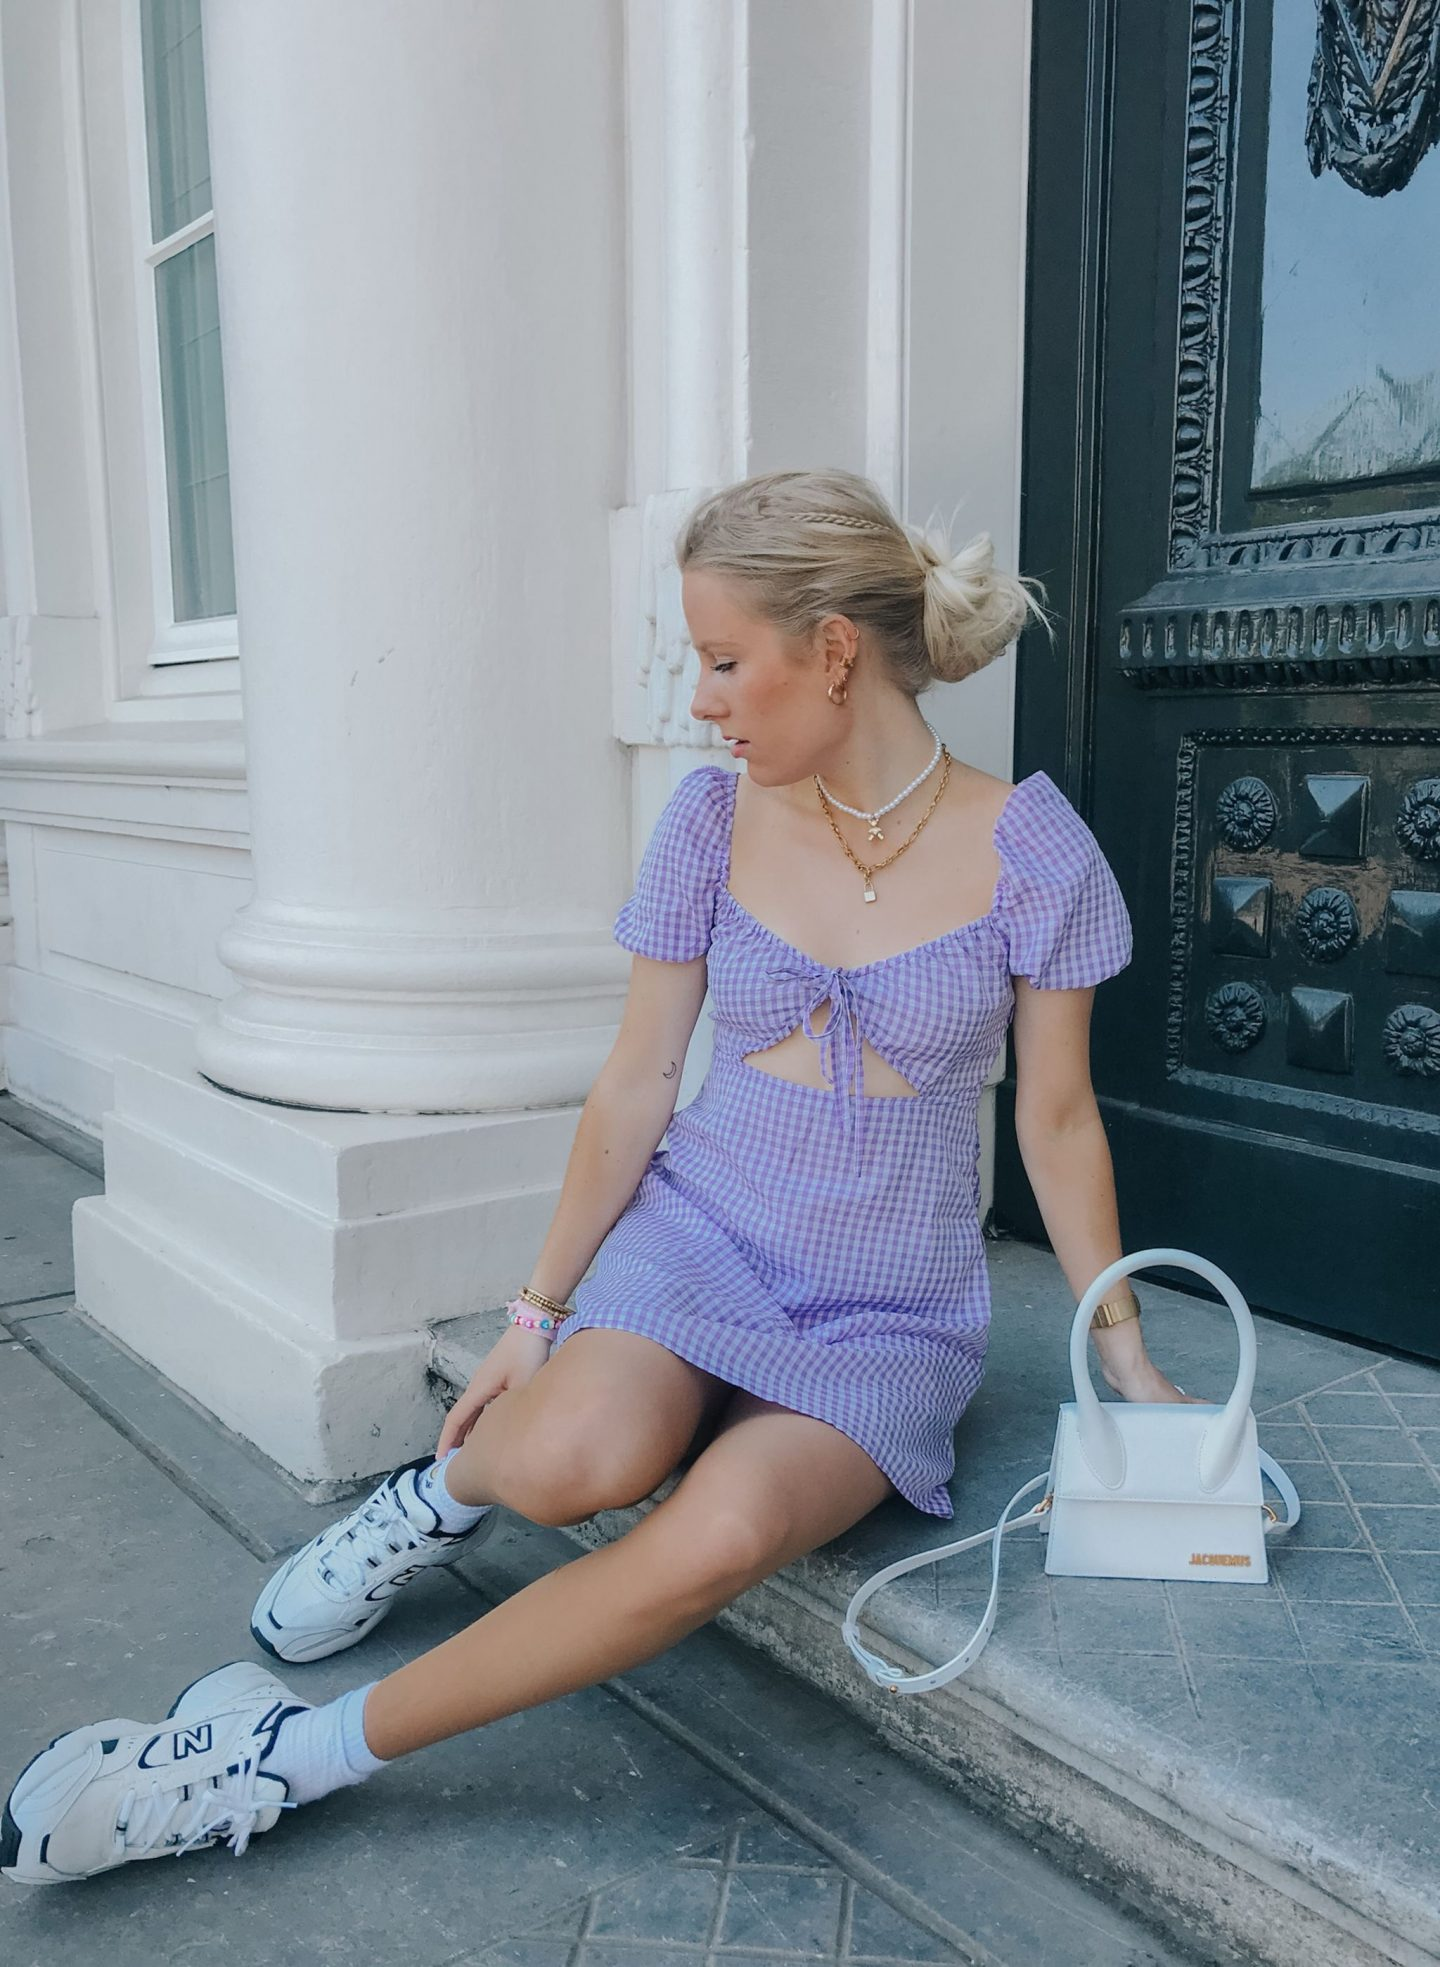 Gingham Spring Dress Esmée Rodrigo